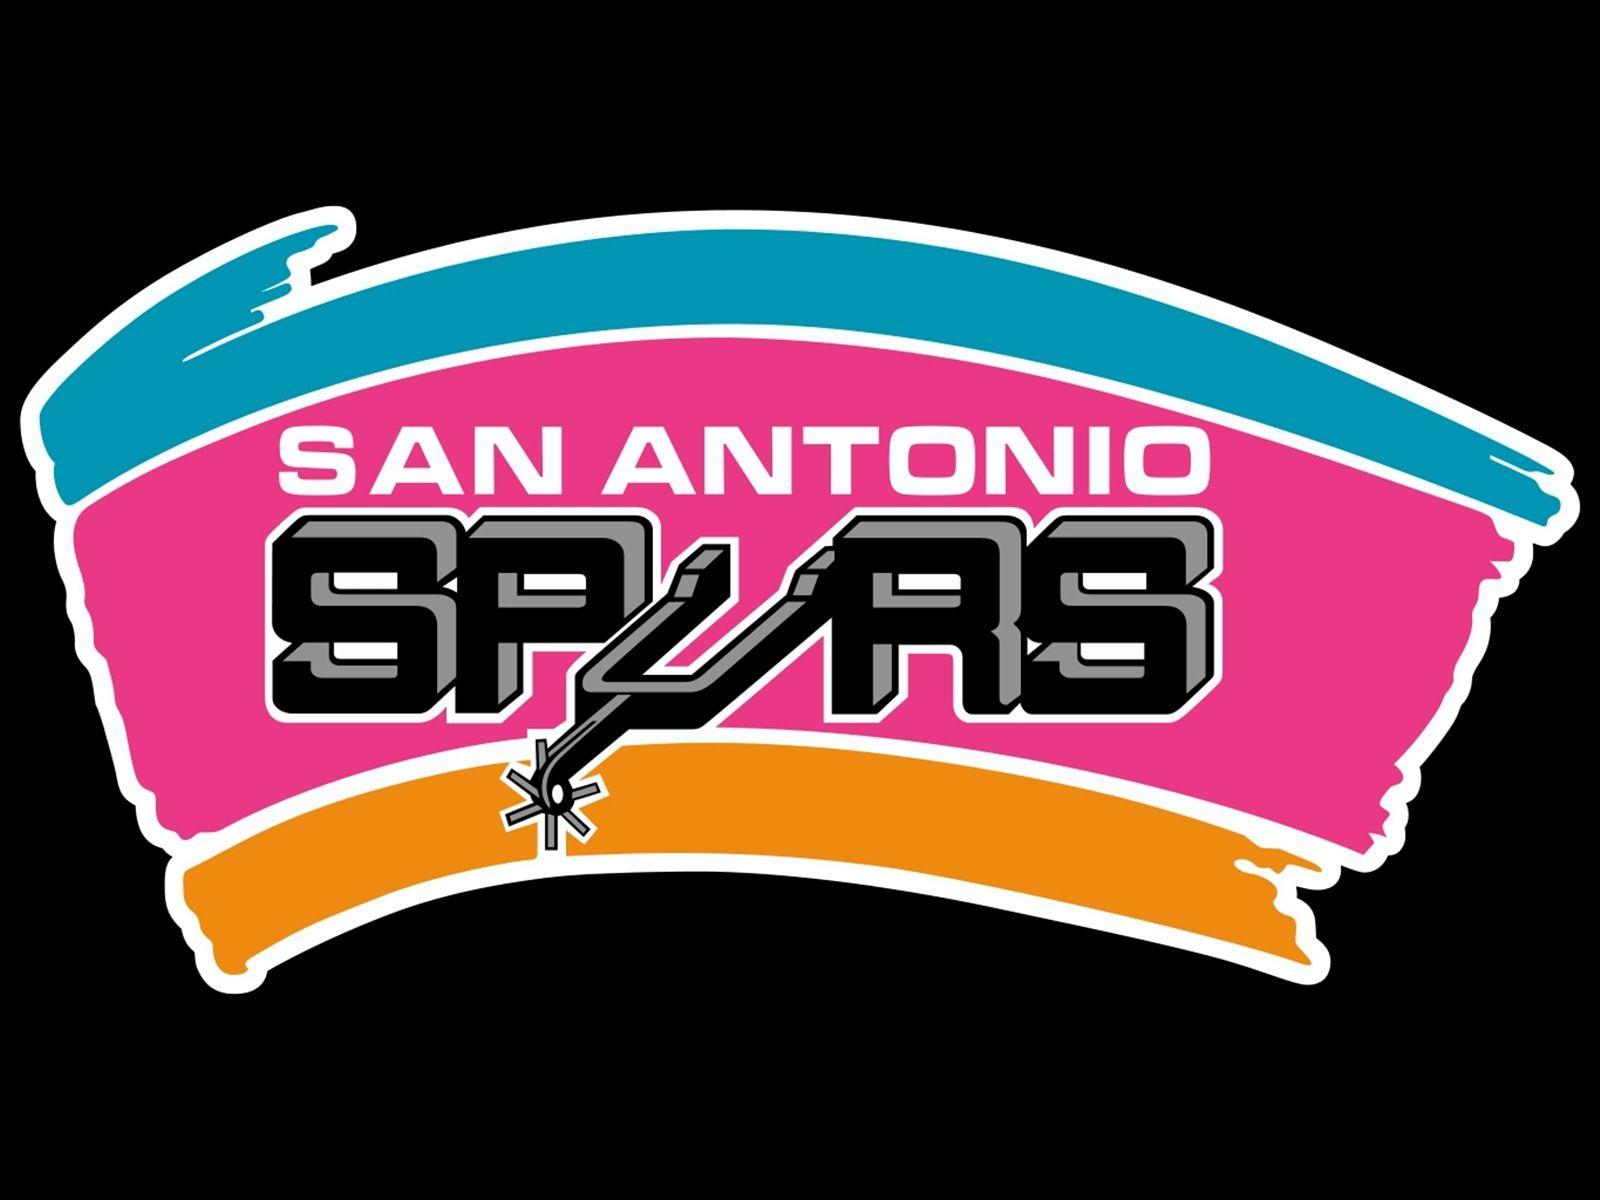 Pin By Edward Guajardo On San Antonio Spurs San Antonio Spurs Logo San Antonio Spurs Spurs Logo